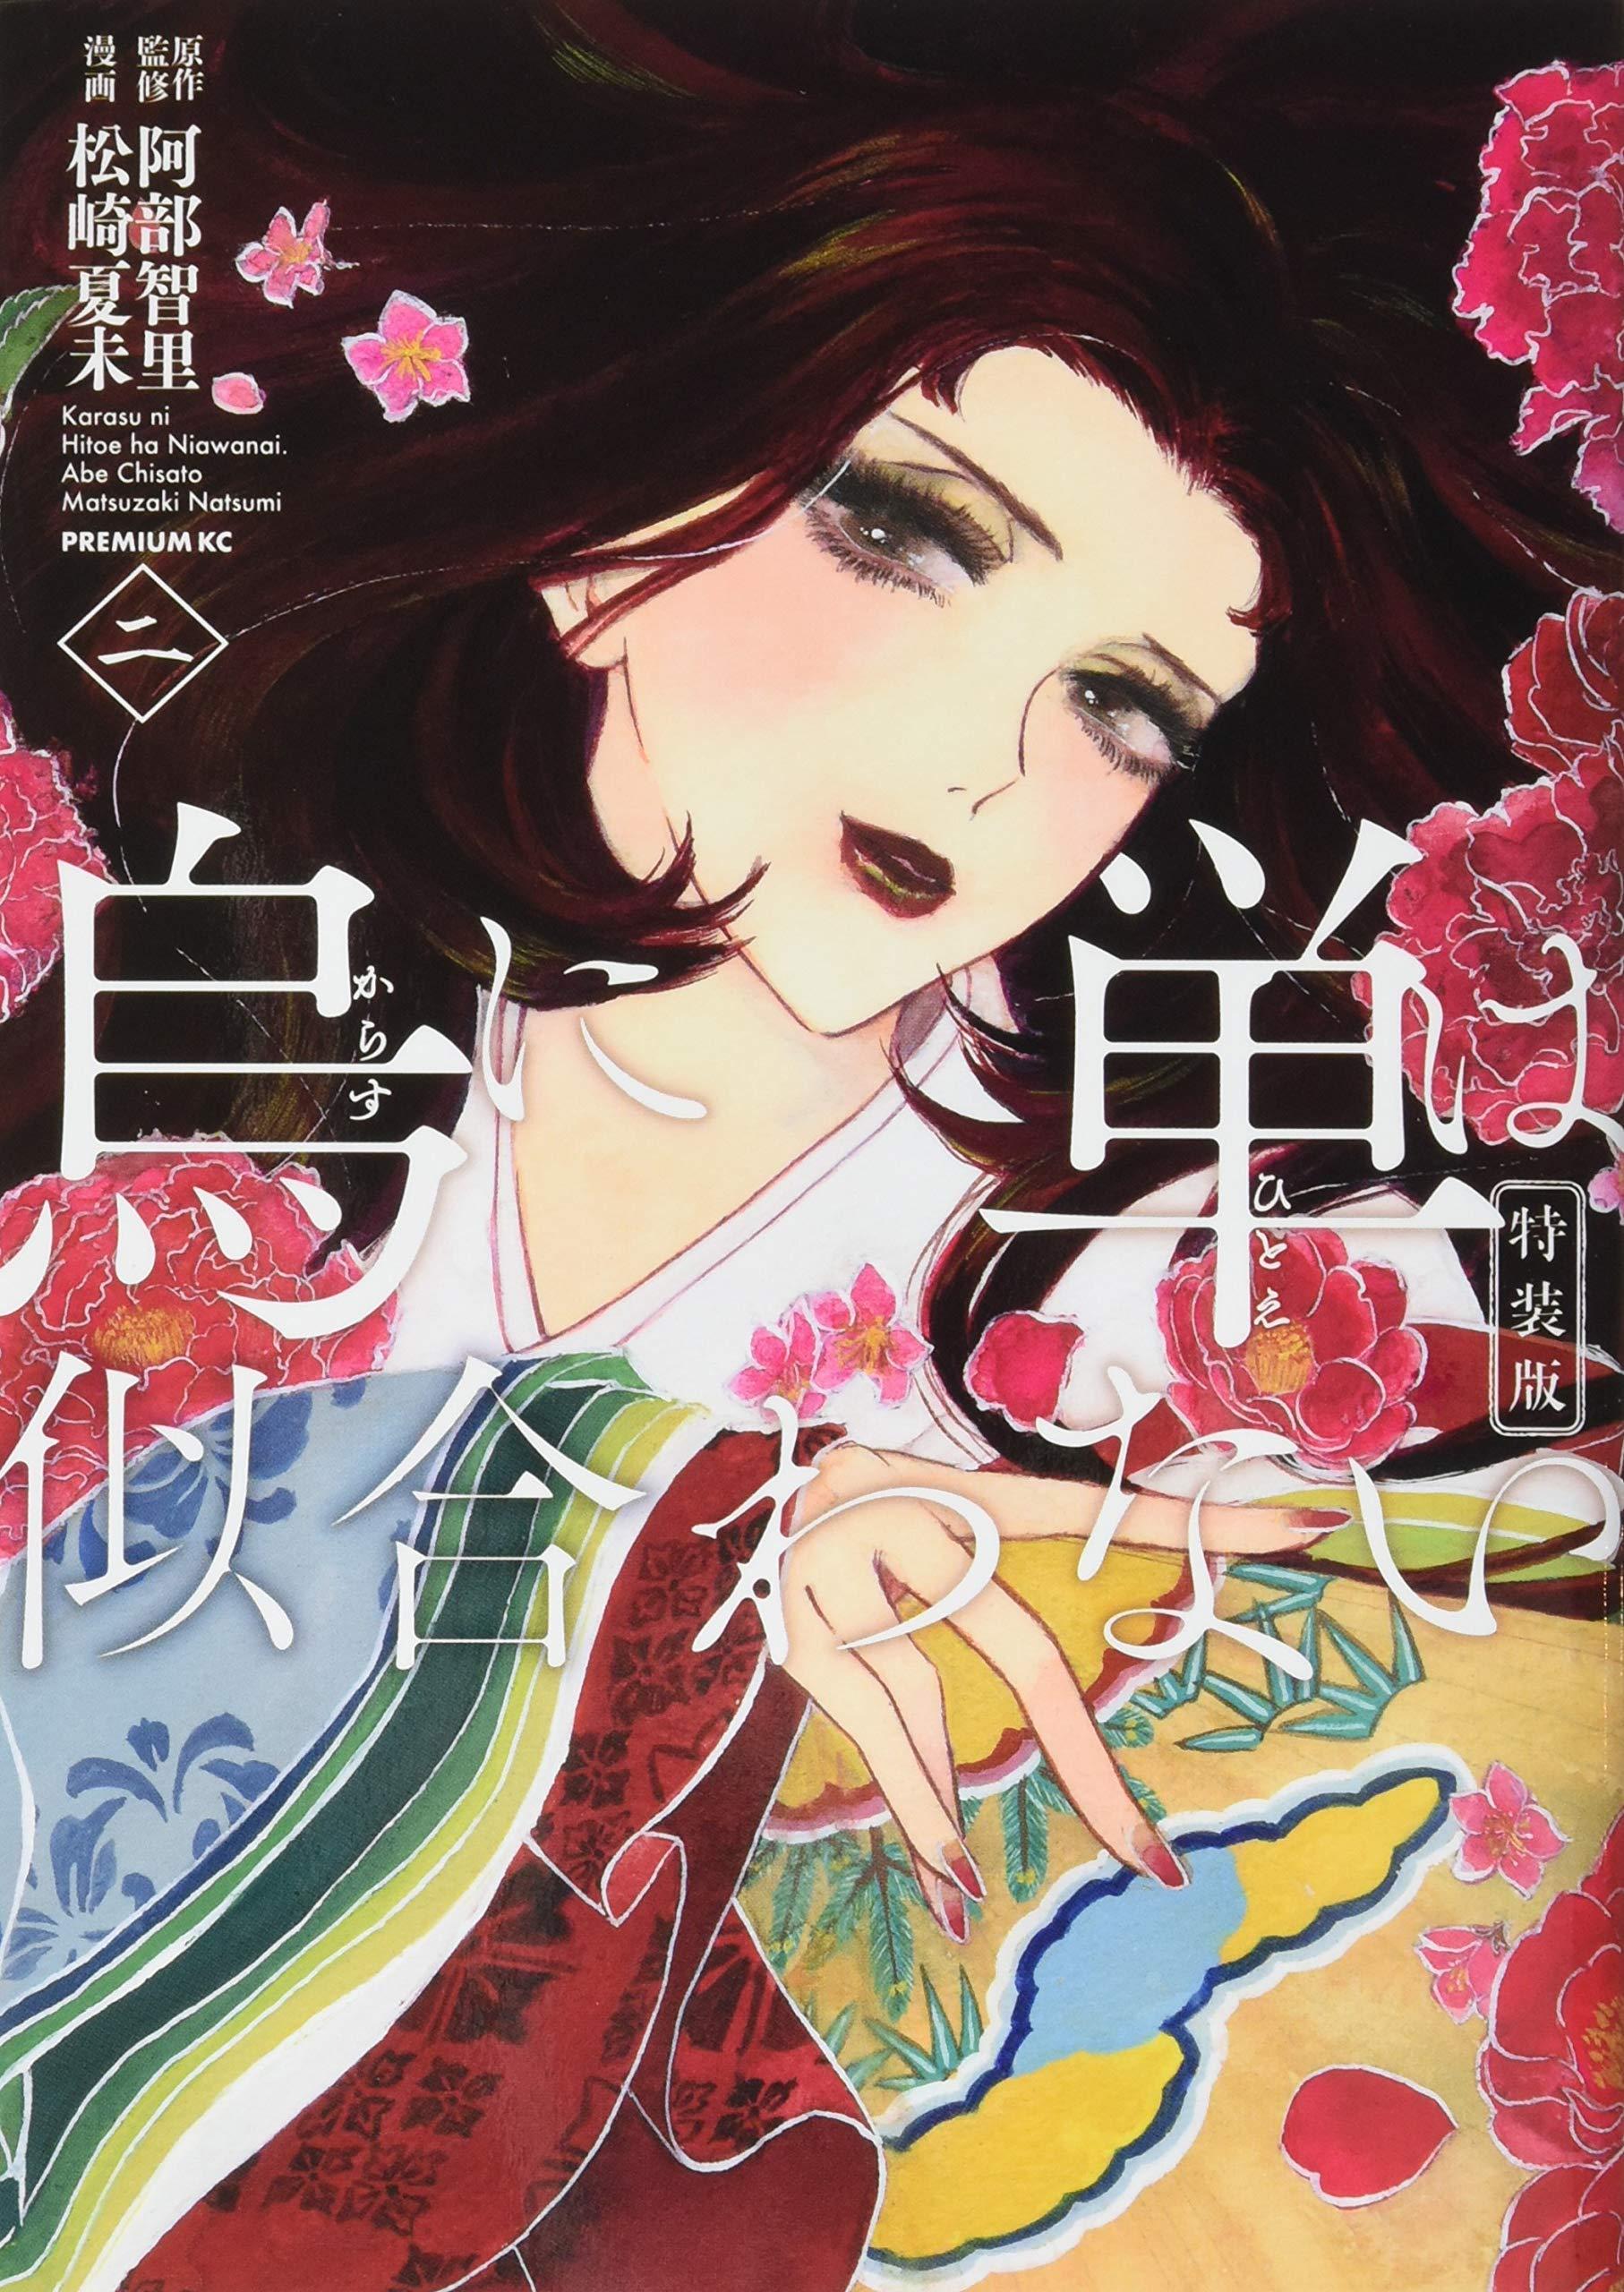 烏に単は似合わない 2 特装版 (Karasu ni Hitoe wa Niawanai [Limited Edition, #2)